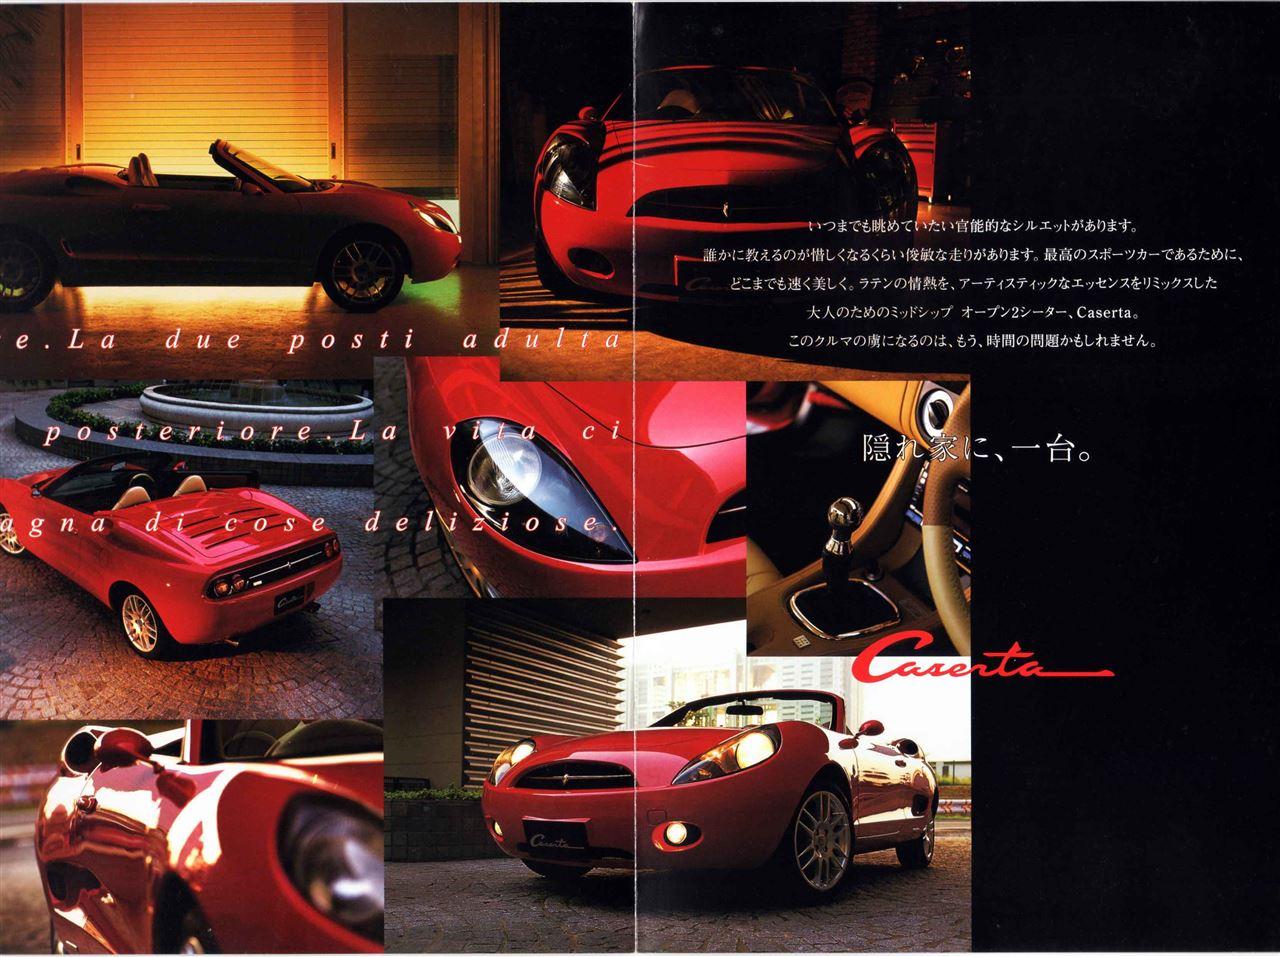 Toyota MR-S, JDM, Modellista Caserta, ZZW30